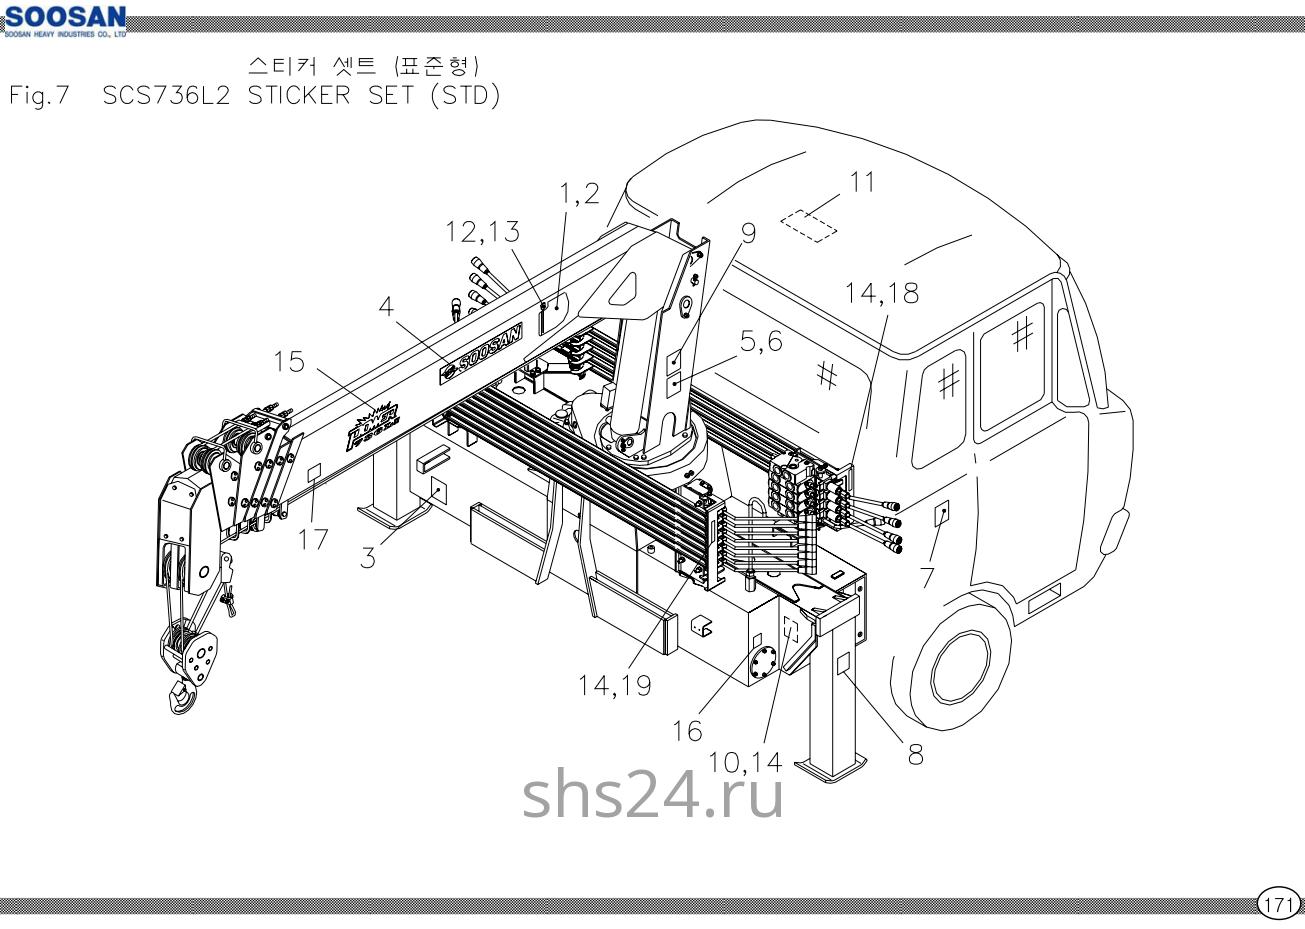 Расположение стикеров Soosan SCS 736 STD